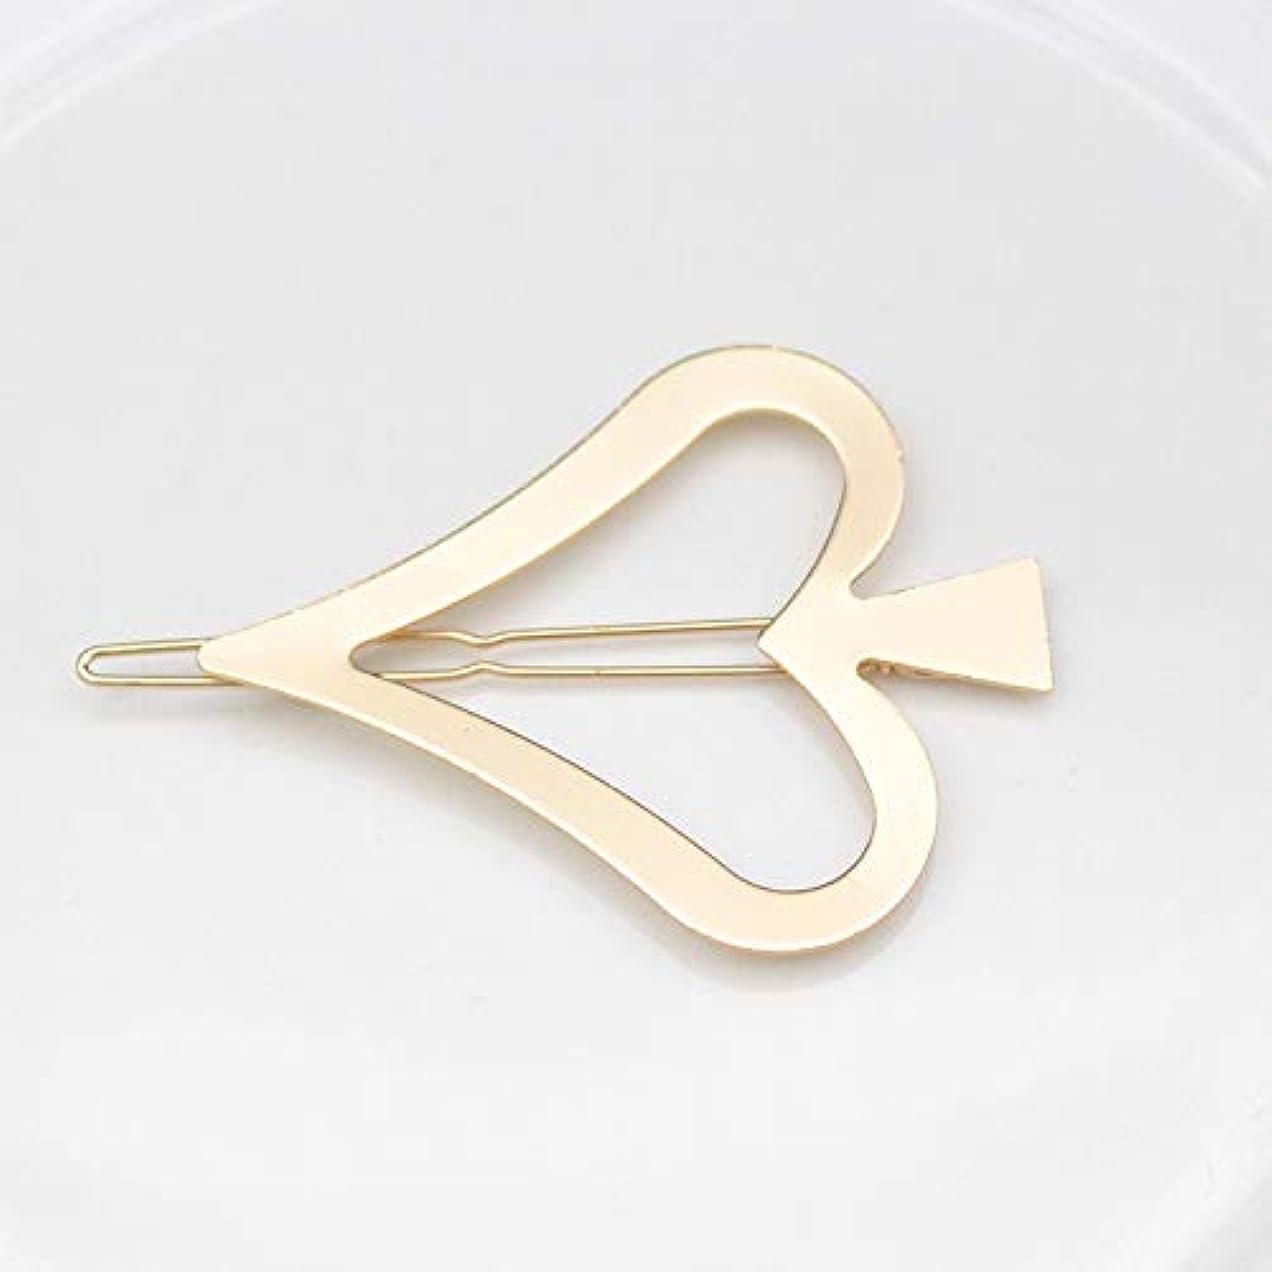 反発する無しお祝いHuaQingPiJu-JP 1Pc DIYマジックヘア女性ガールヘアピンヘアクリップパーティーヘアスタイルツールアクセサリー(ゴールド)